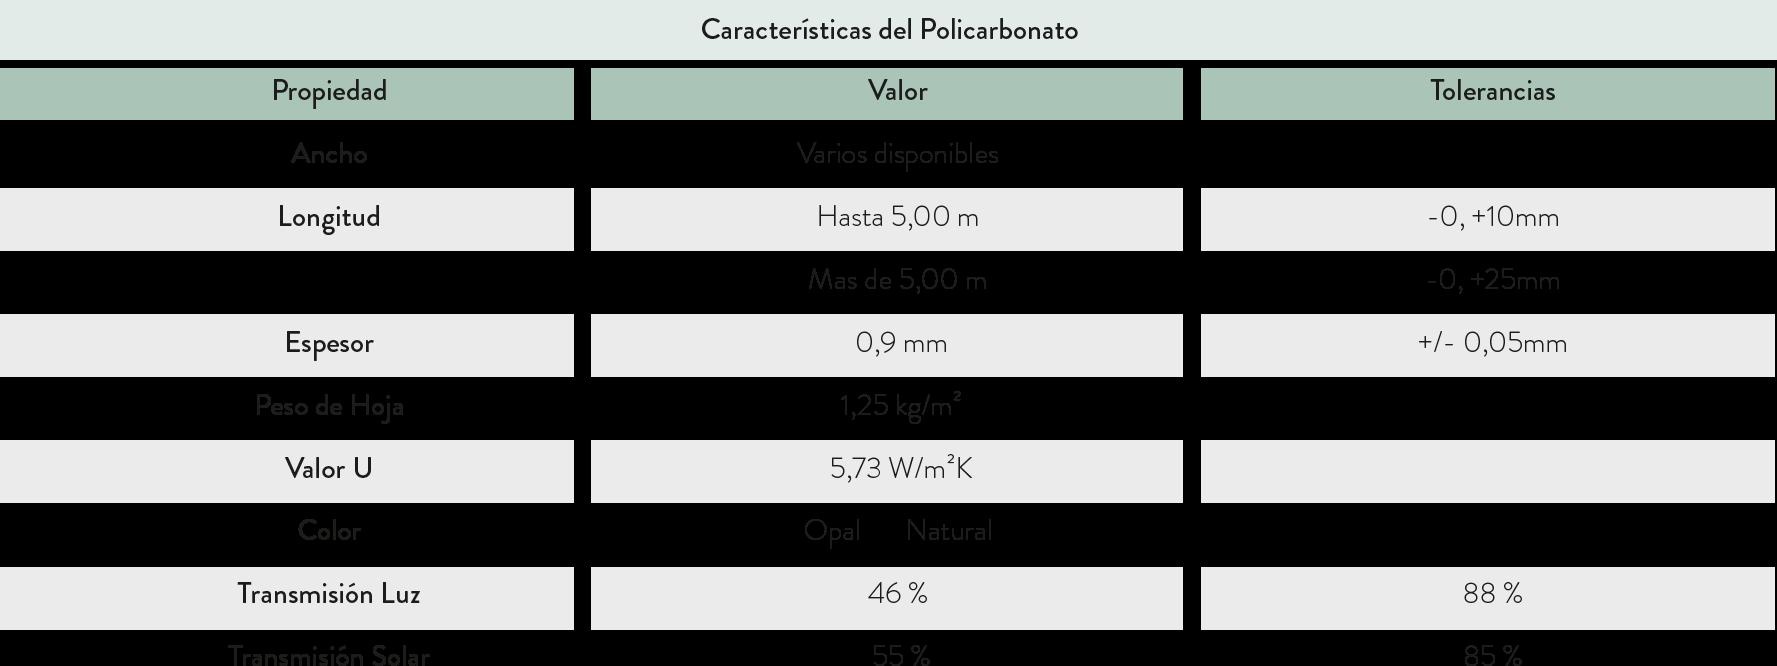 tabla caracteristicas policarbonato 2